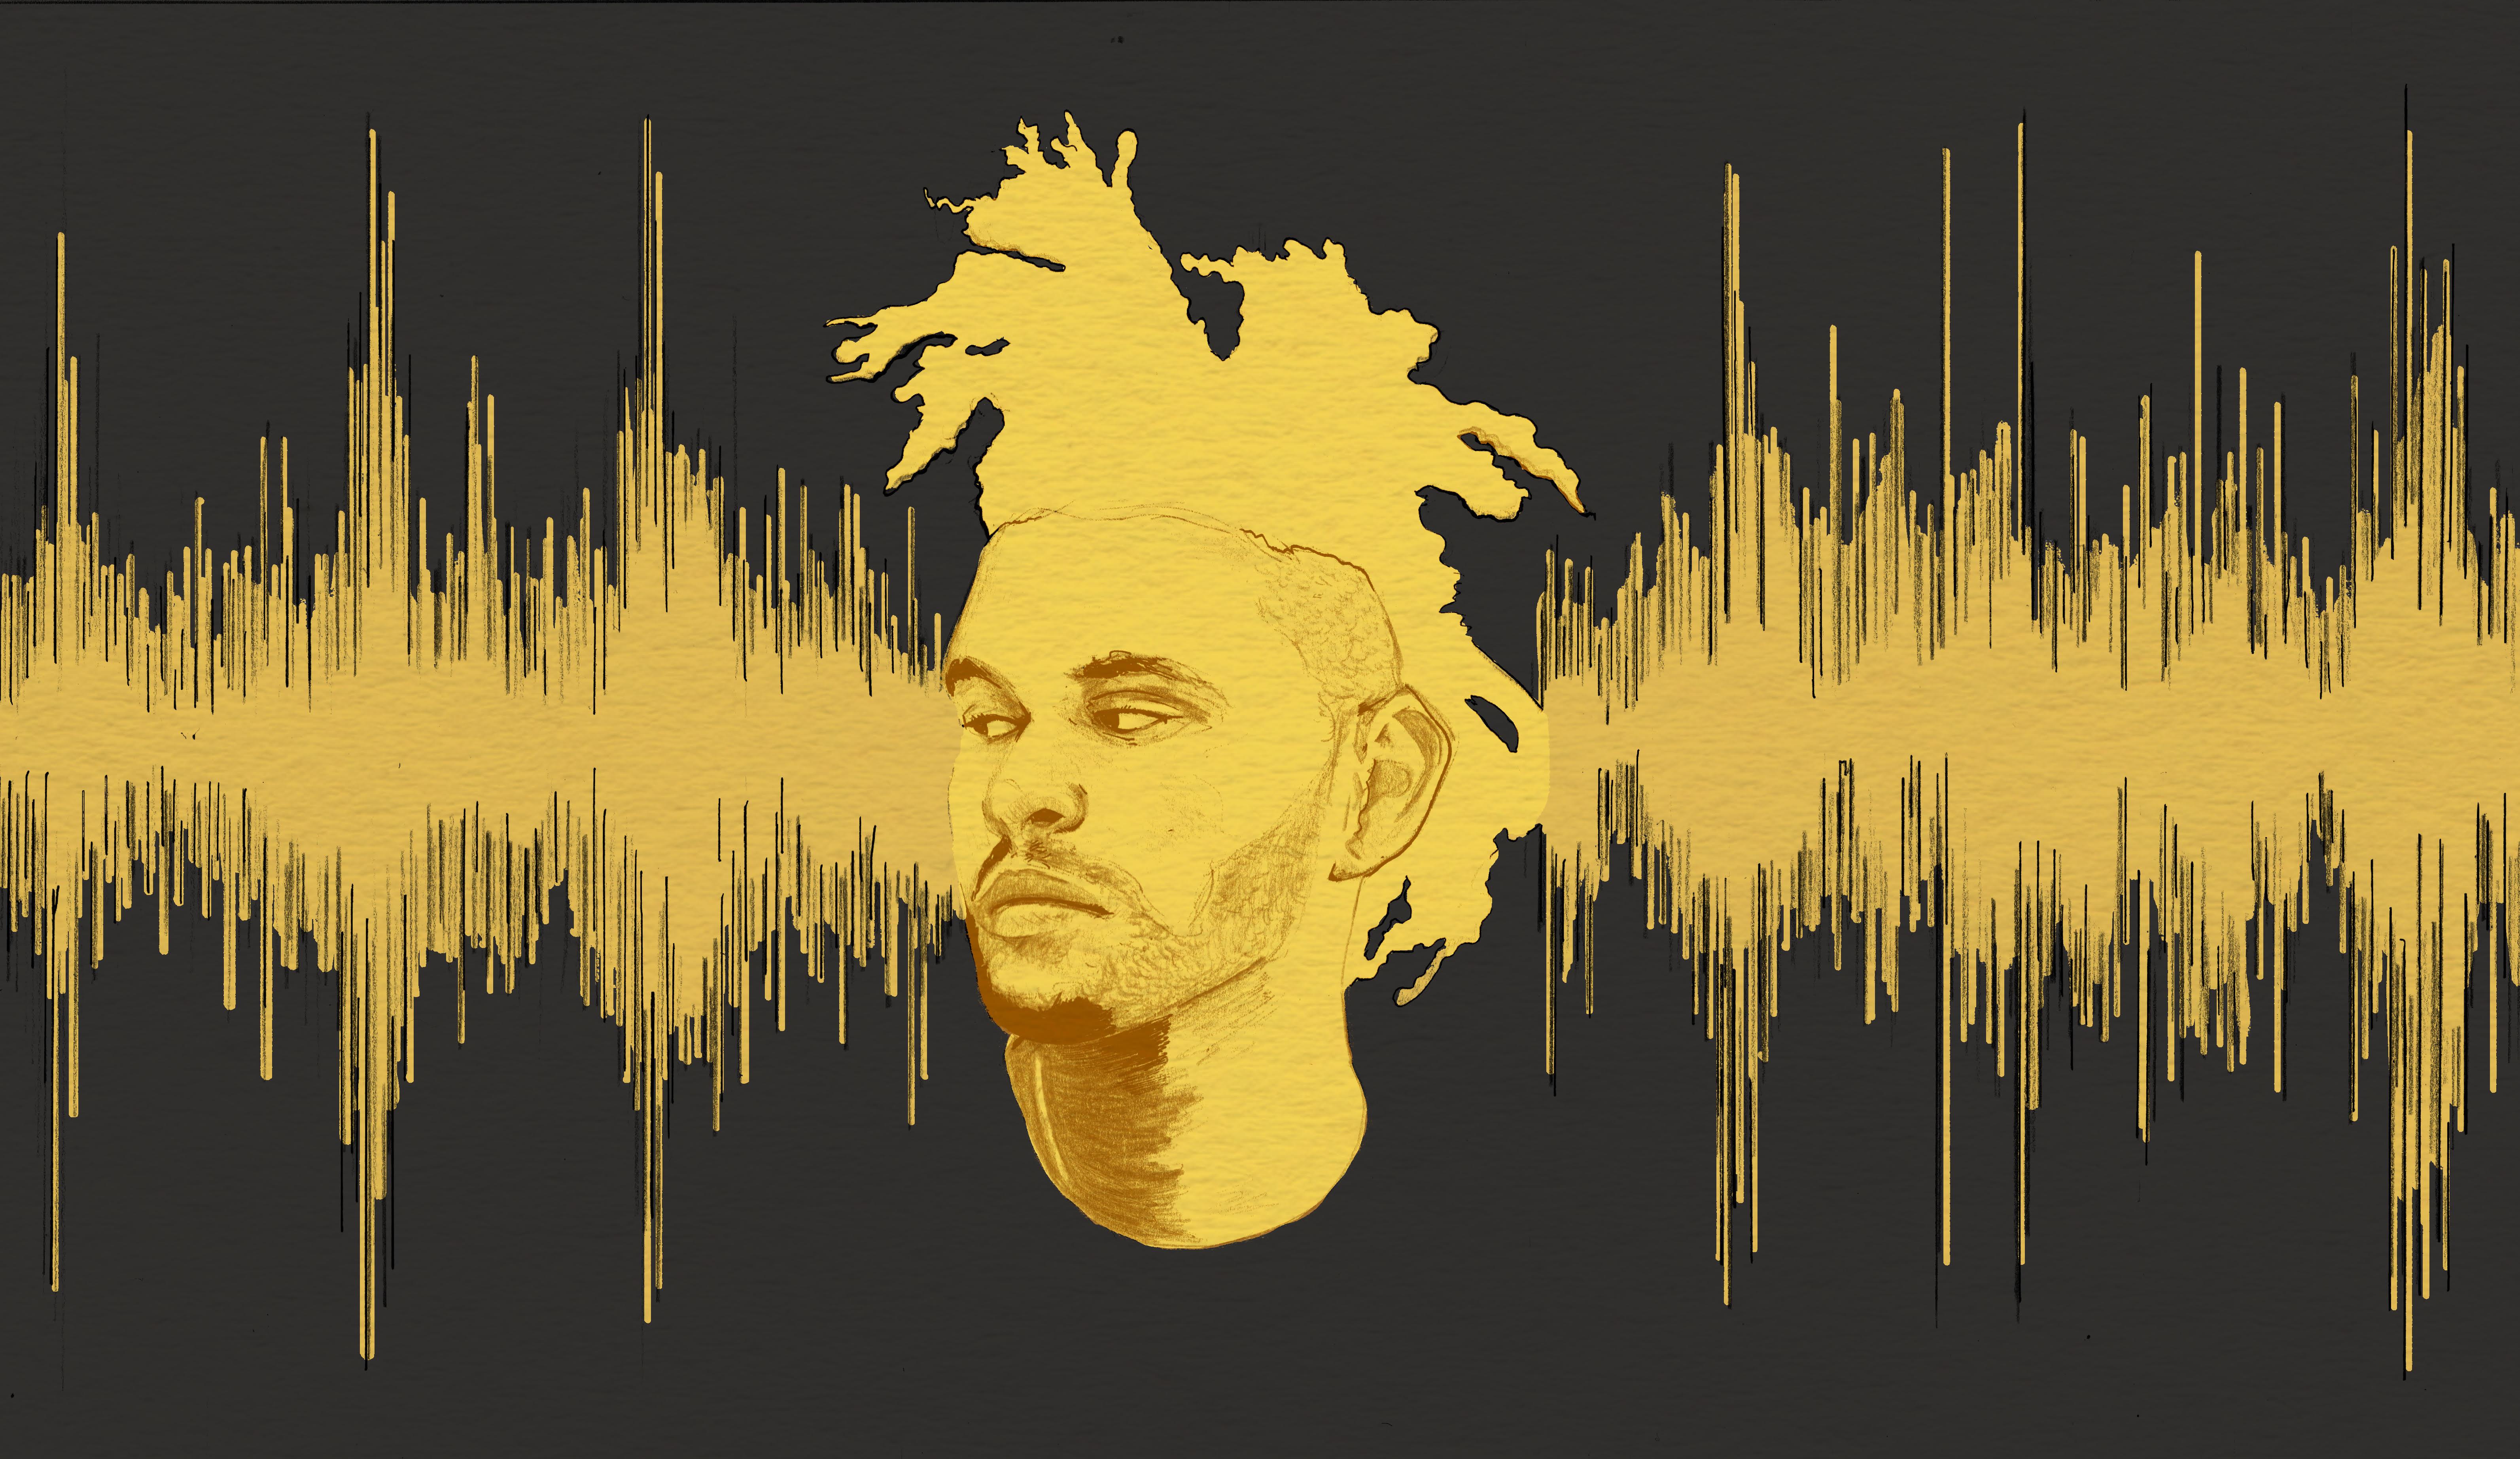 A Guide to Toronto's Dark, Emotional Hip-Hop Sound - VICE